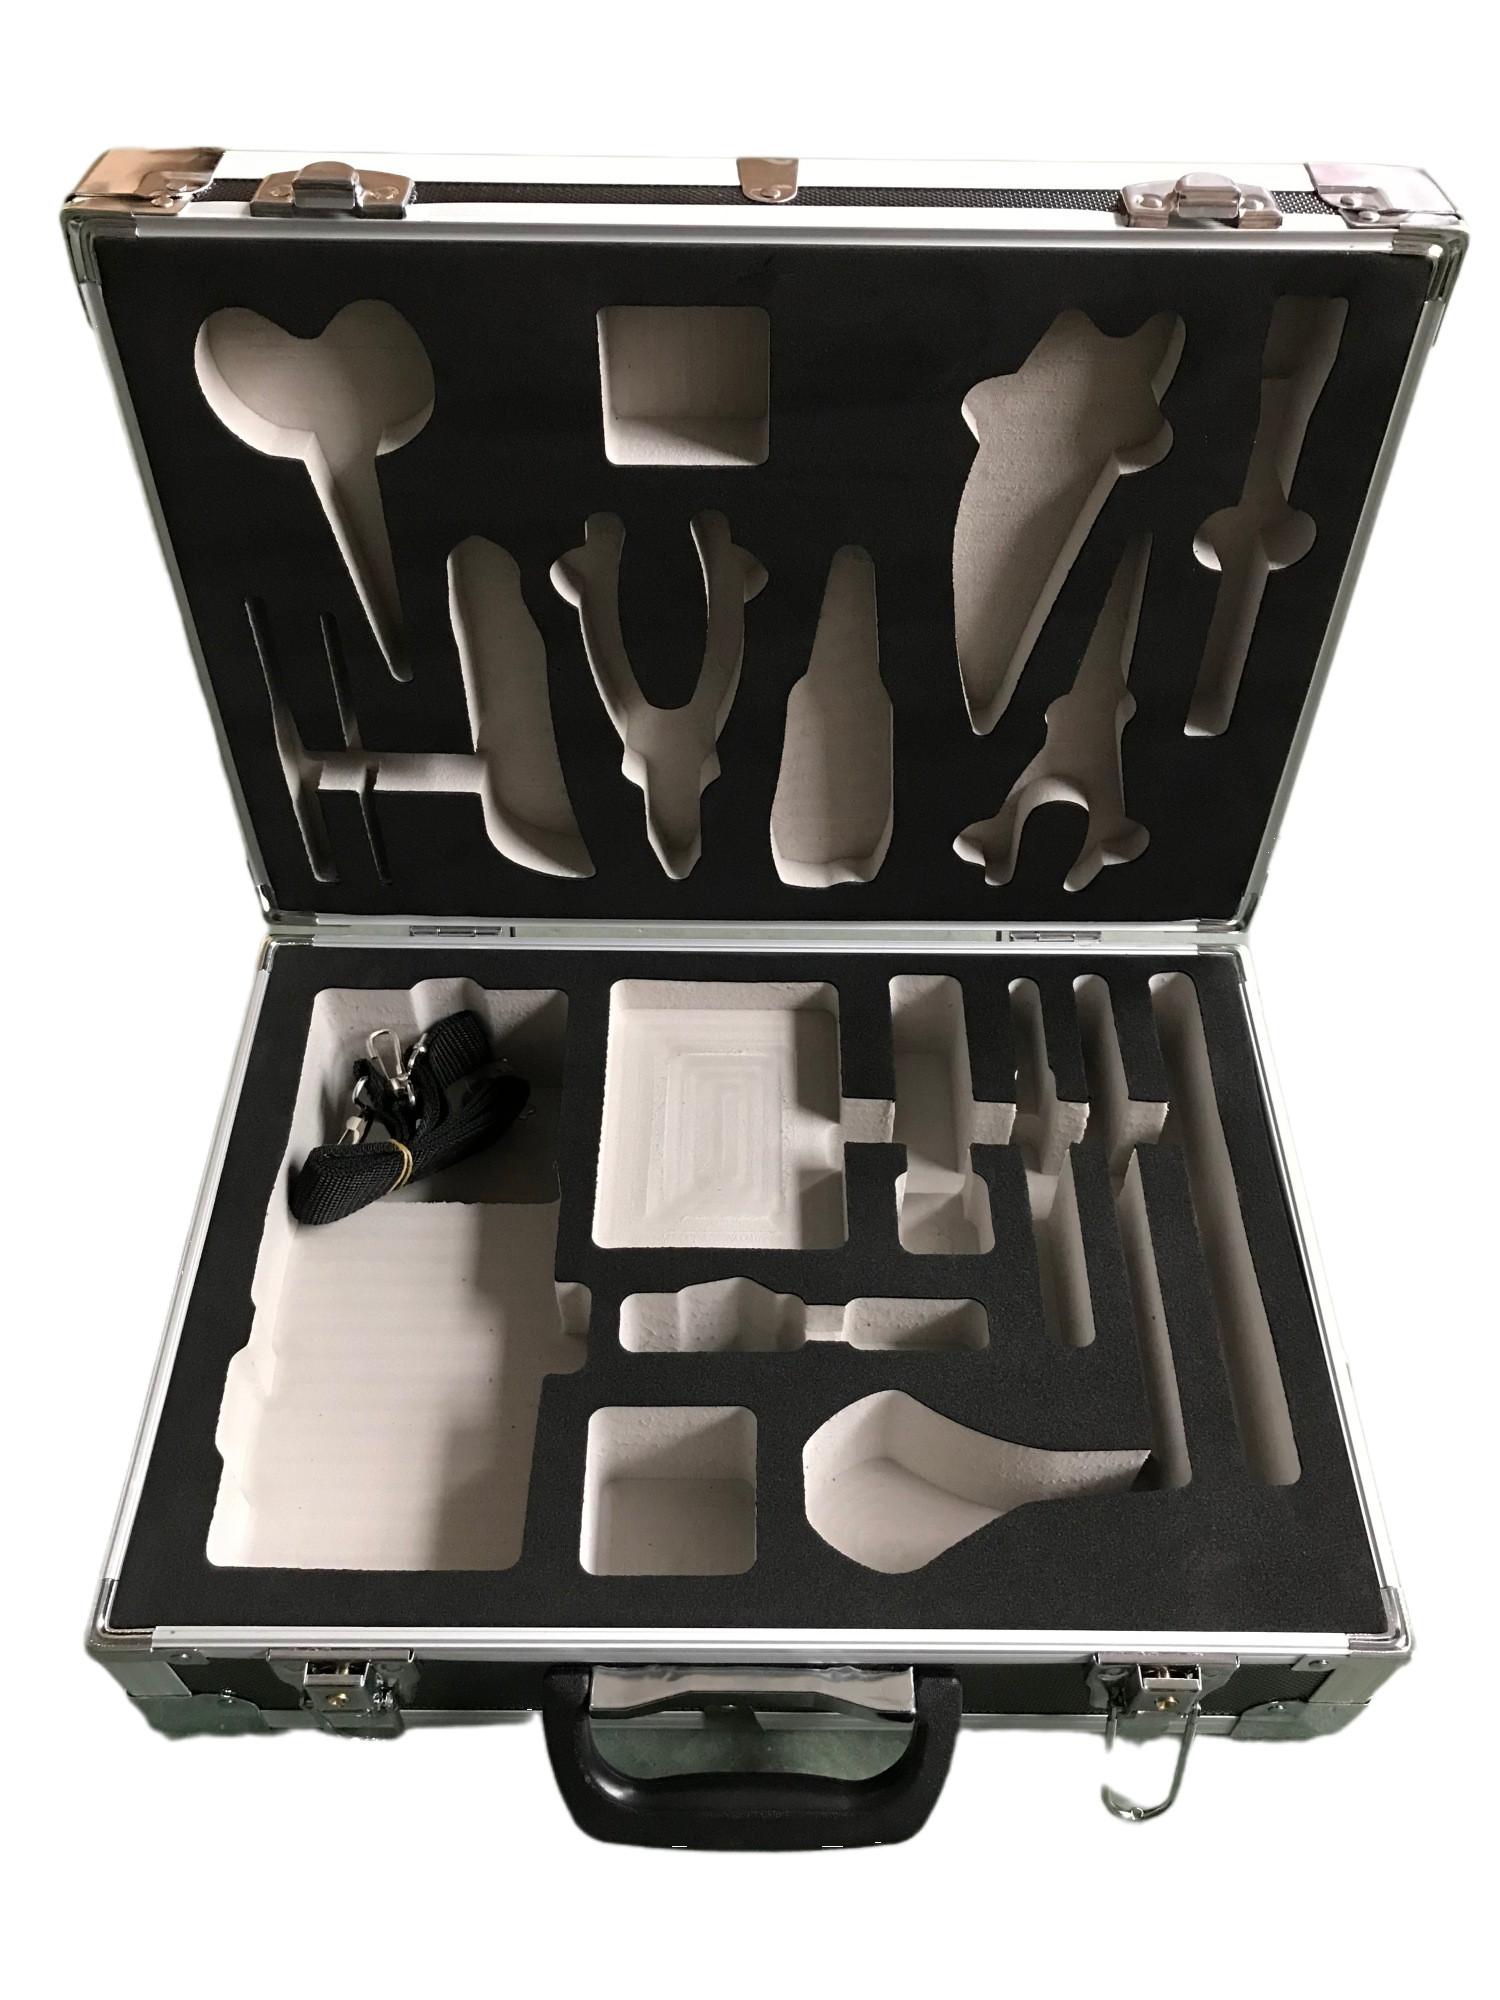 工具箱内放物品模型